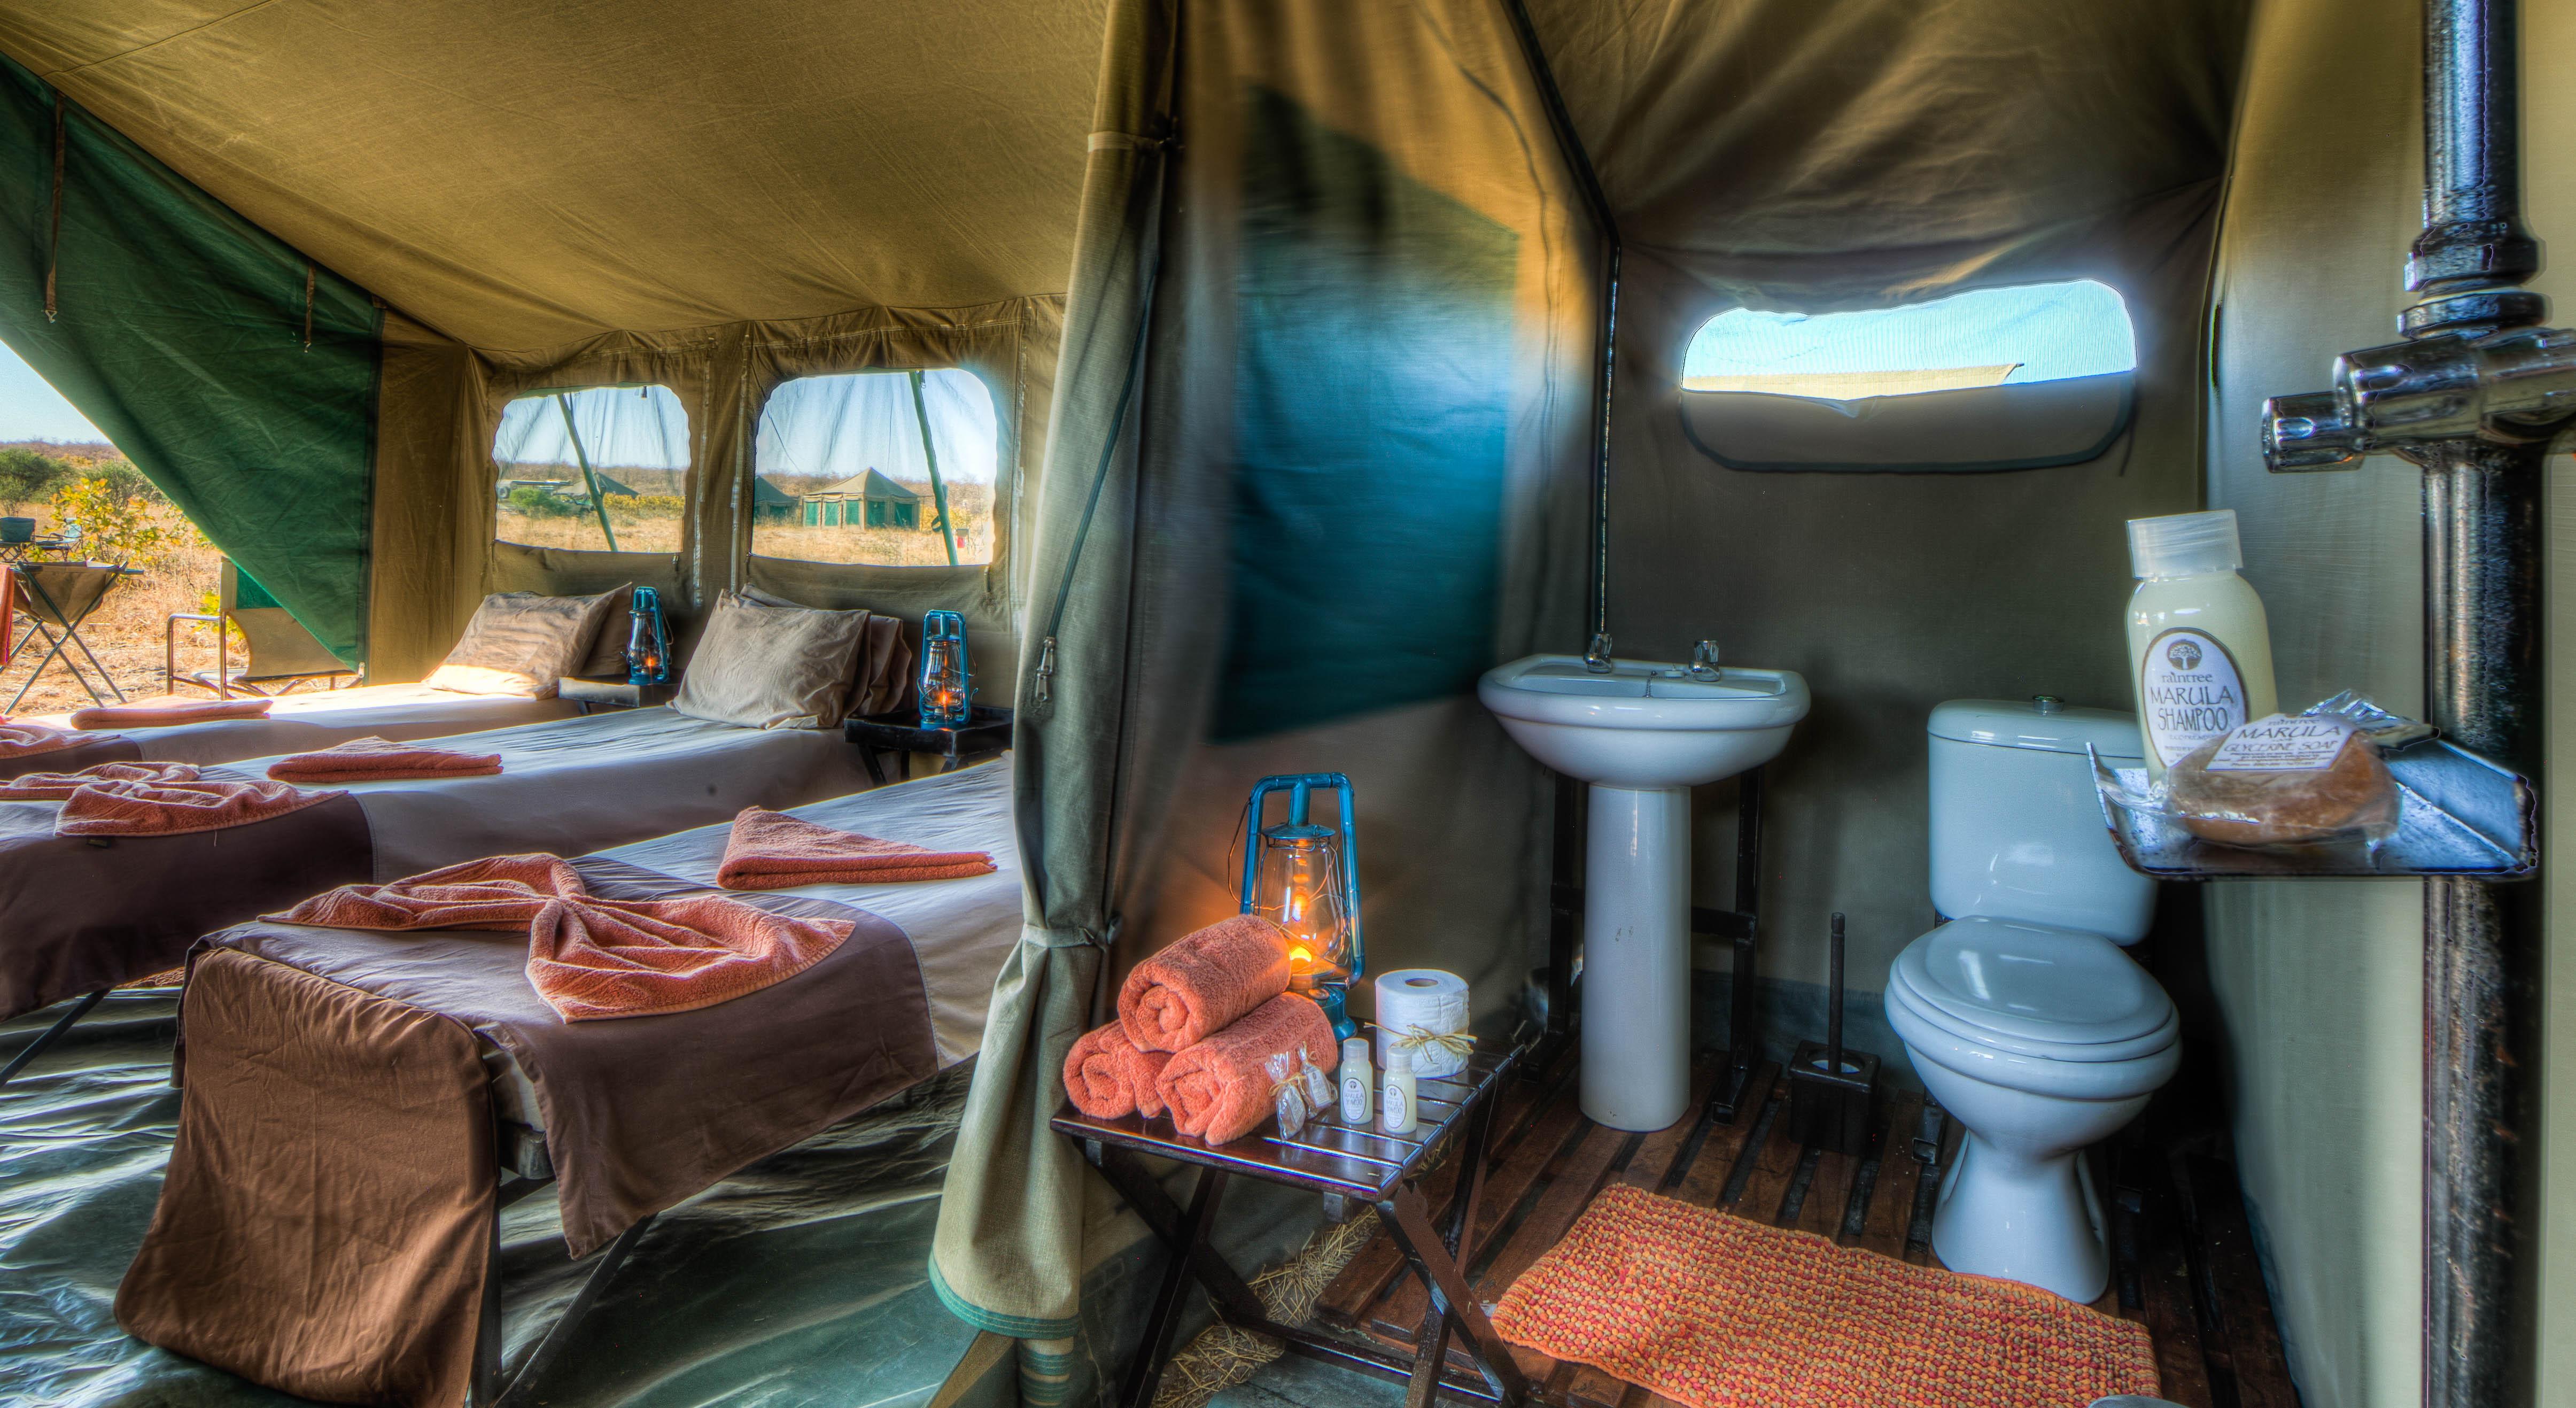 Triple tent incentive set-up